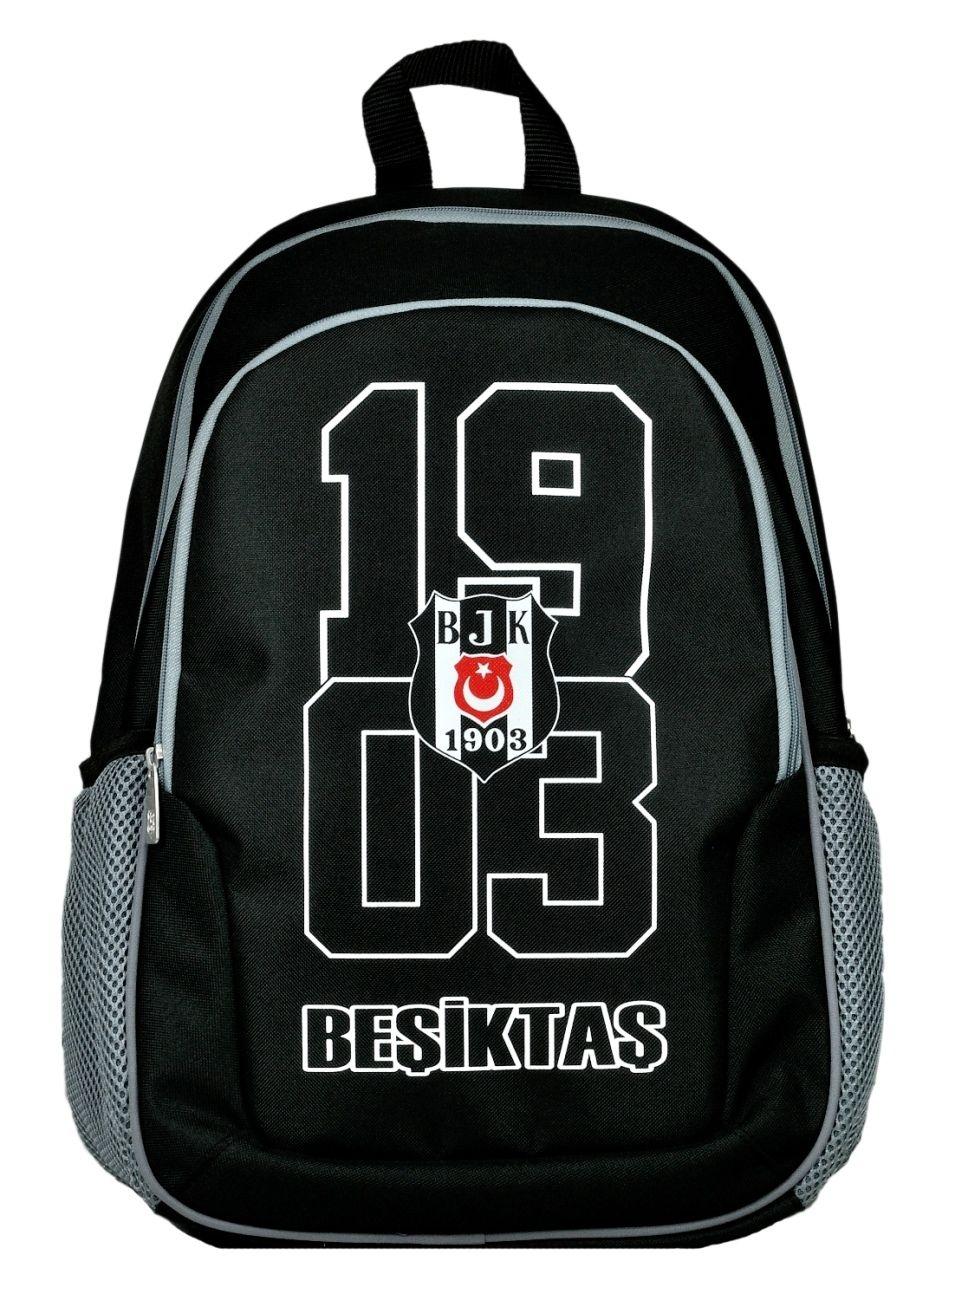 87a1c772793f4 Beşiktaş Lisanslı Okul/Sırt Çantası - Hakan Çanta 96119